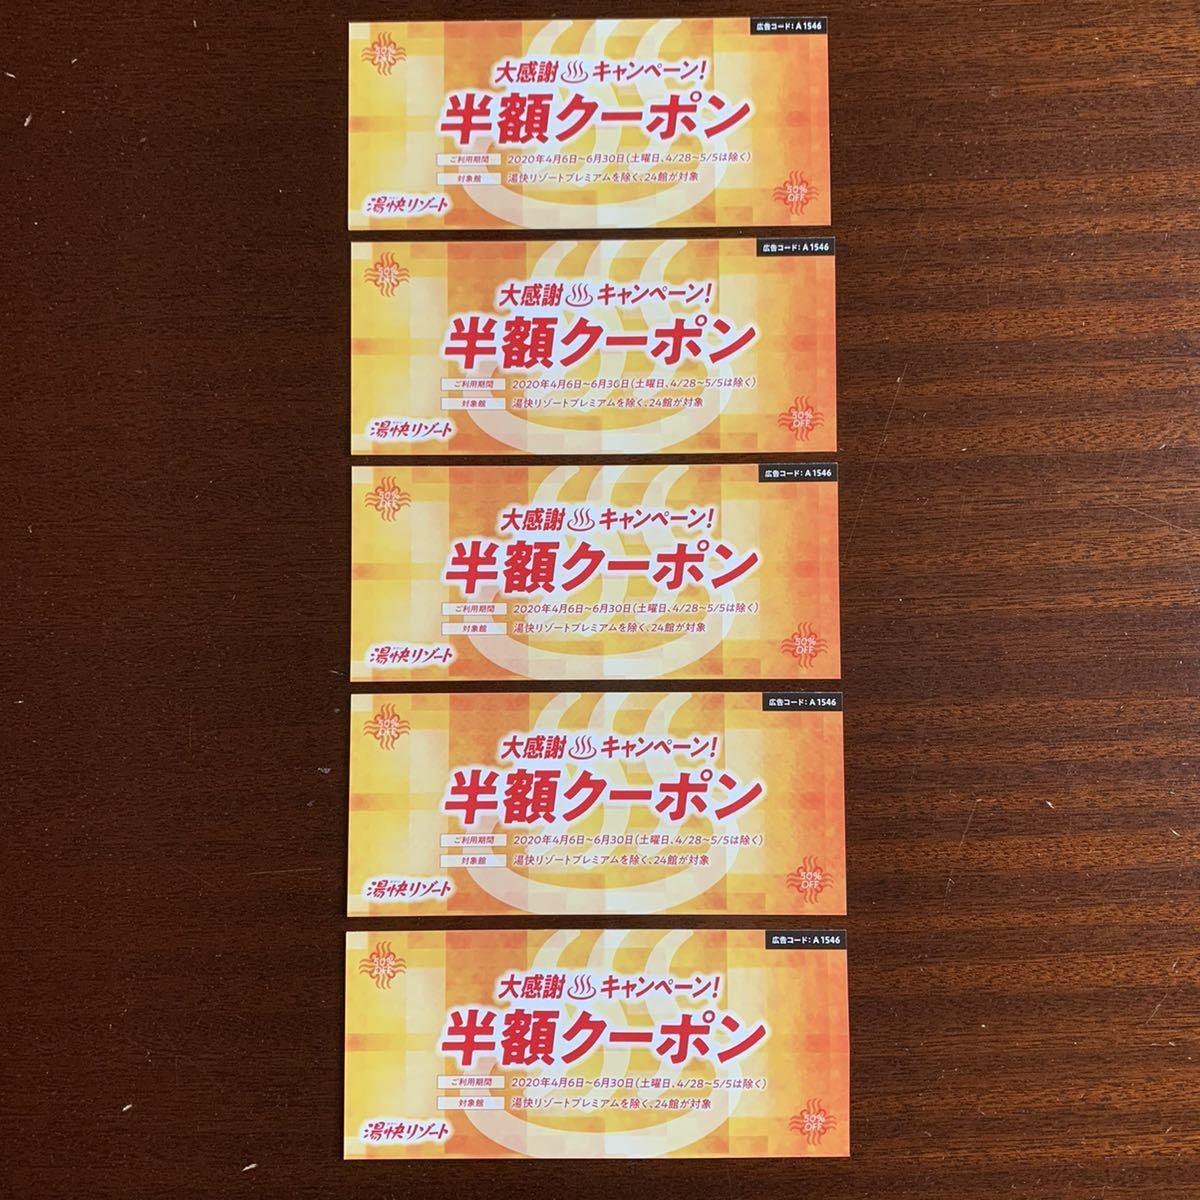 湯 快 リゾート 半額 クーポン ~日本の温泉を身近にする~ 湯快リゾートからのご案内